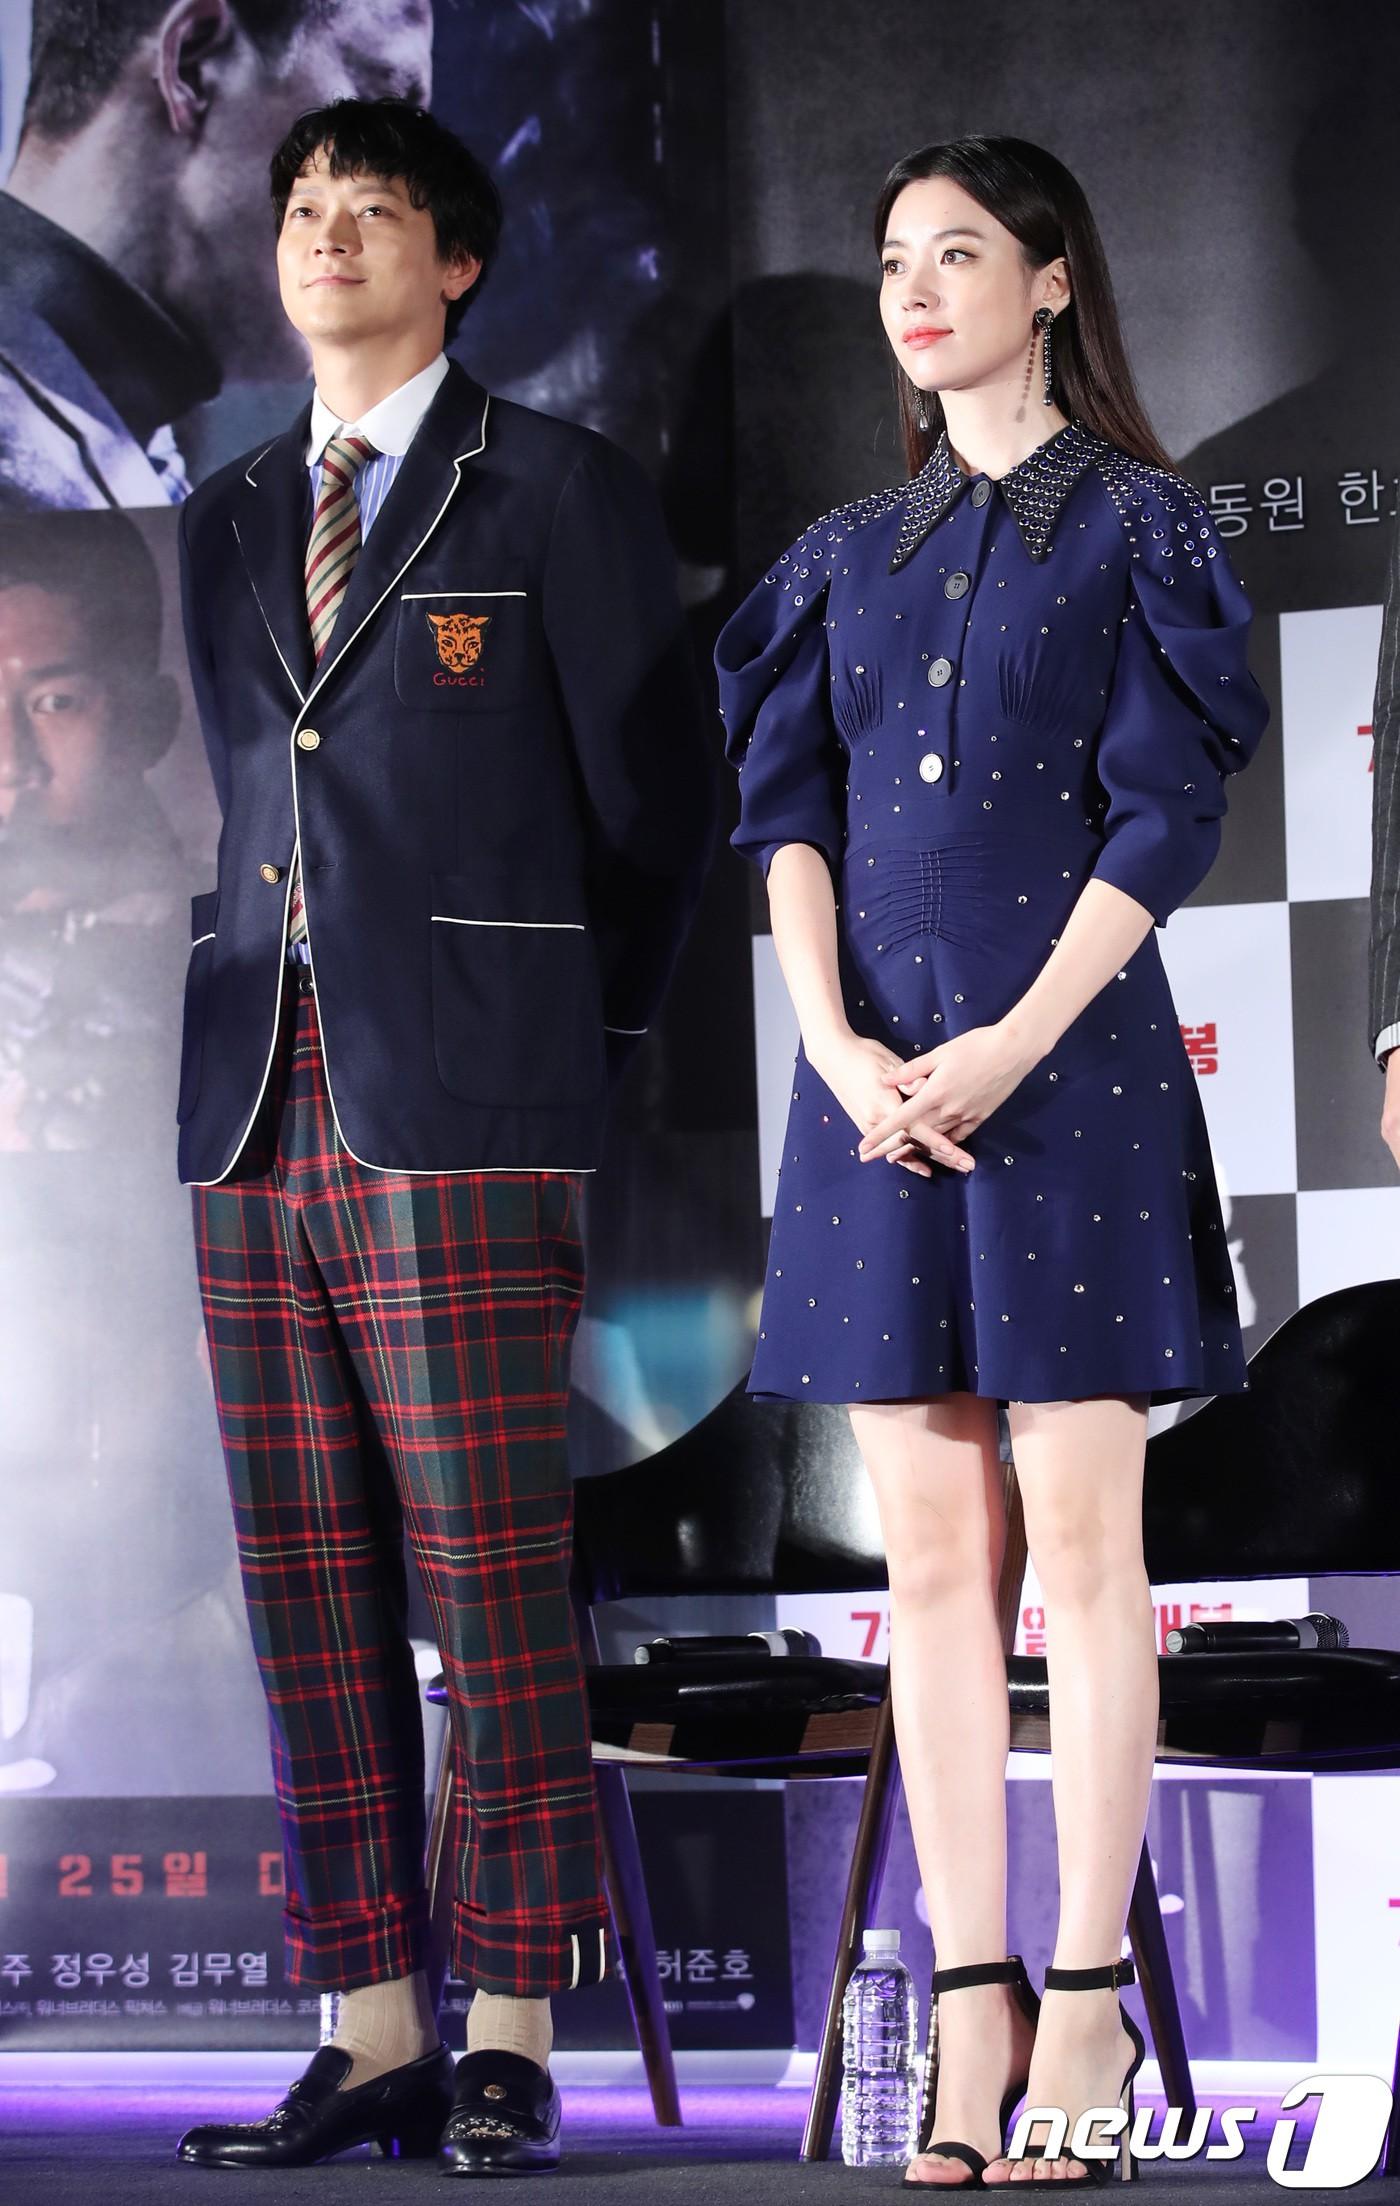 Sau tin đồn hẹn hò, thánh sống Kang Dong Won và Han Hyo Joo có biểu hiện gây sốt trong lần đầu lộ diện - Ảnh 5.